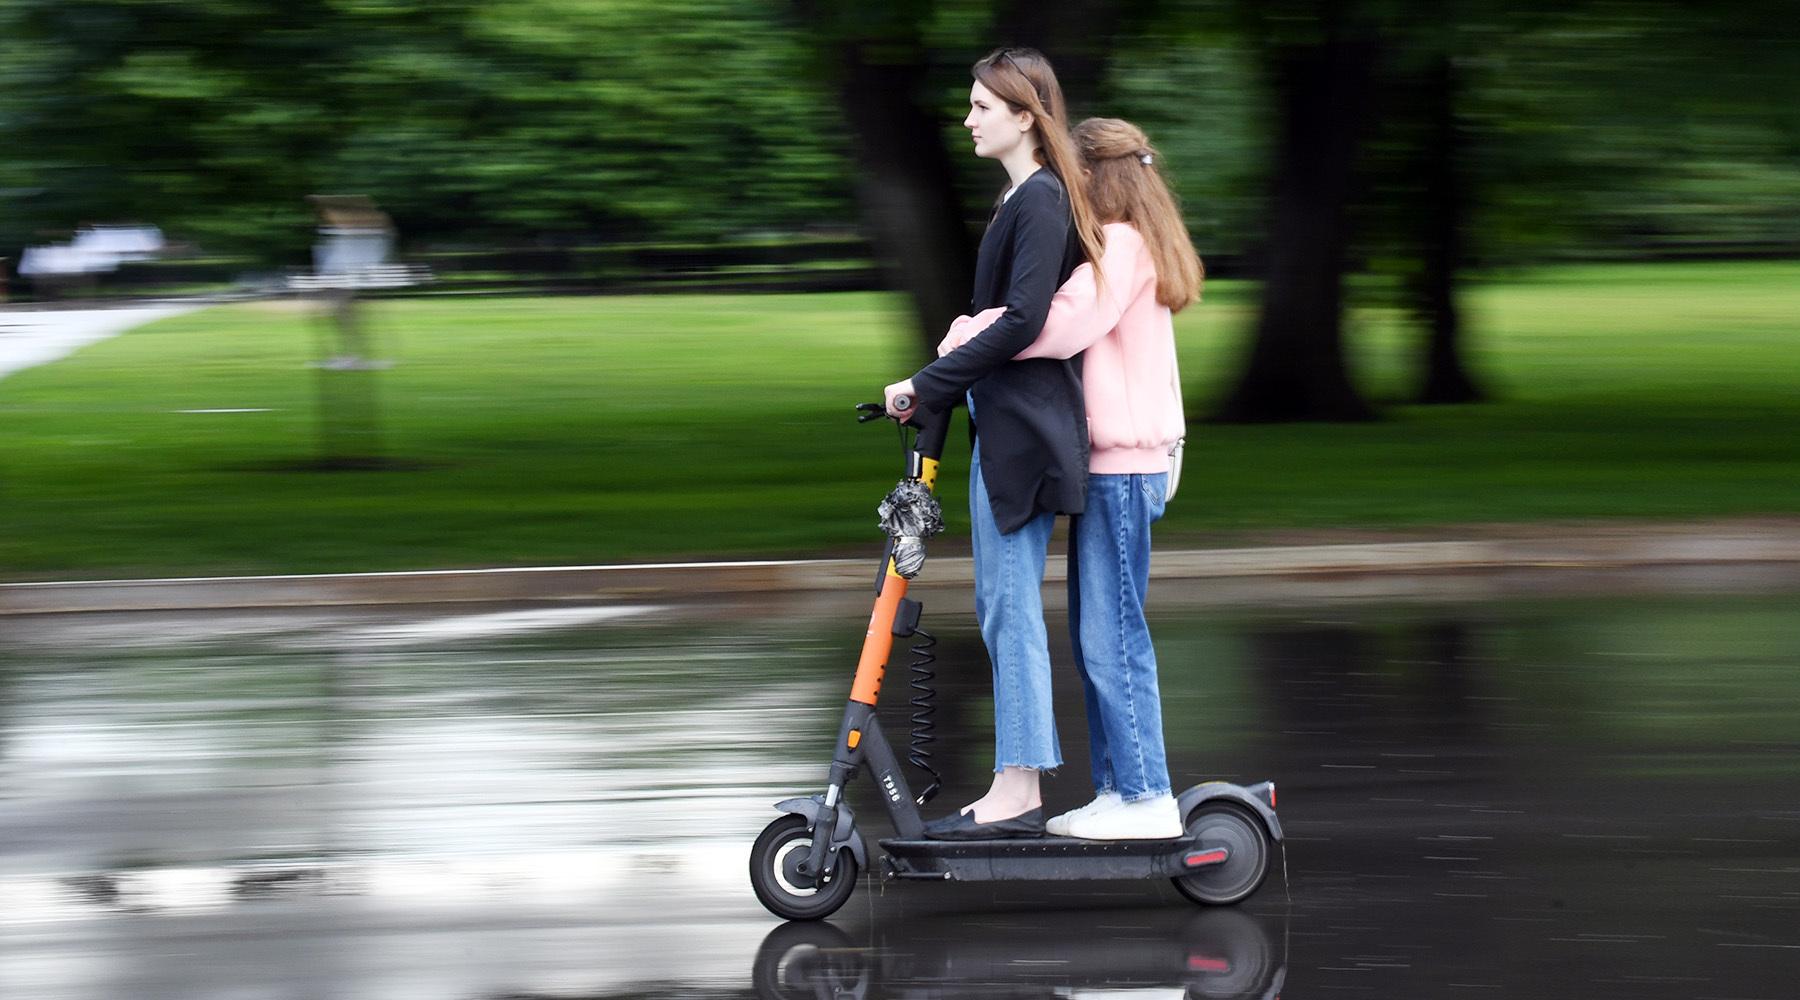 «Для совместного использования с пешеходами»: Минтранс предложил запретить тяжёлым электросамокатам выезжать на тротуар1